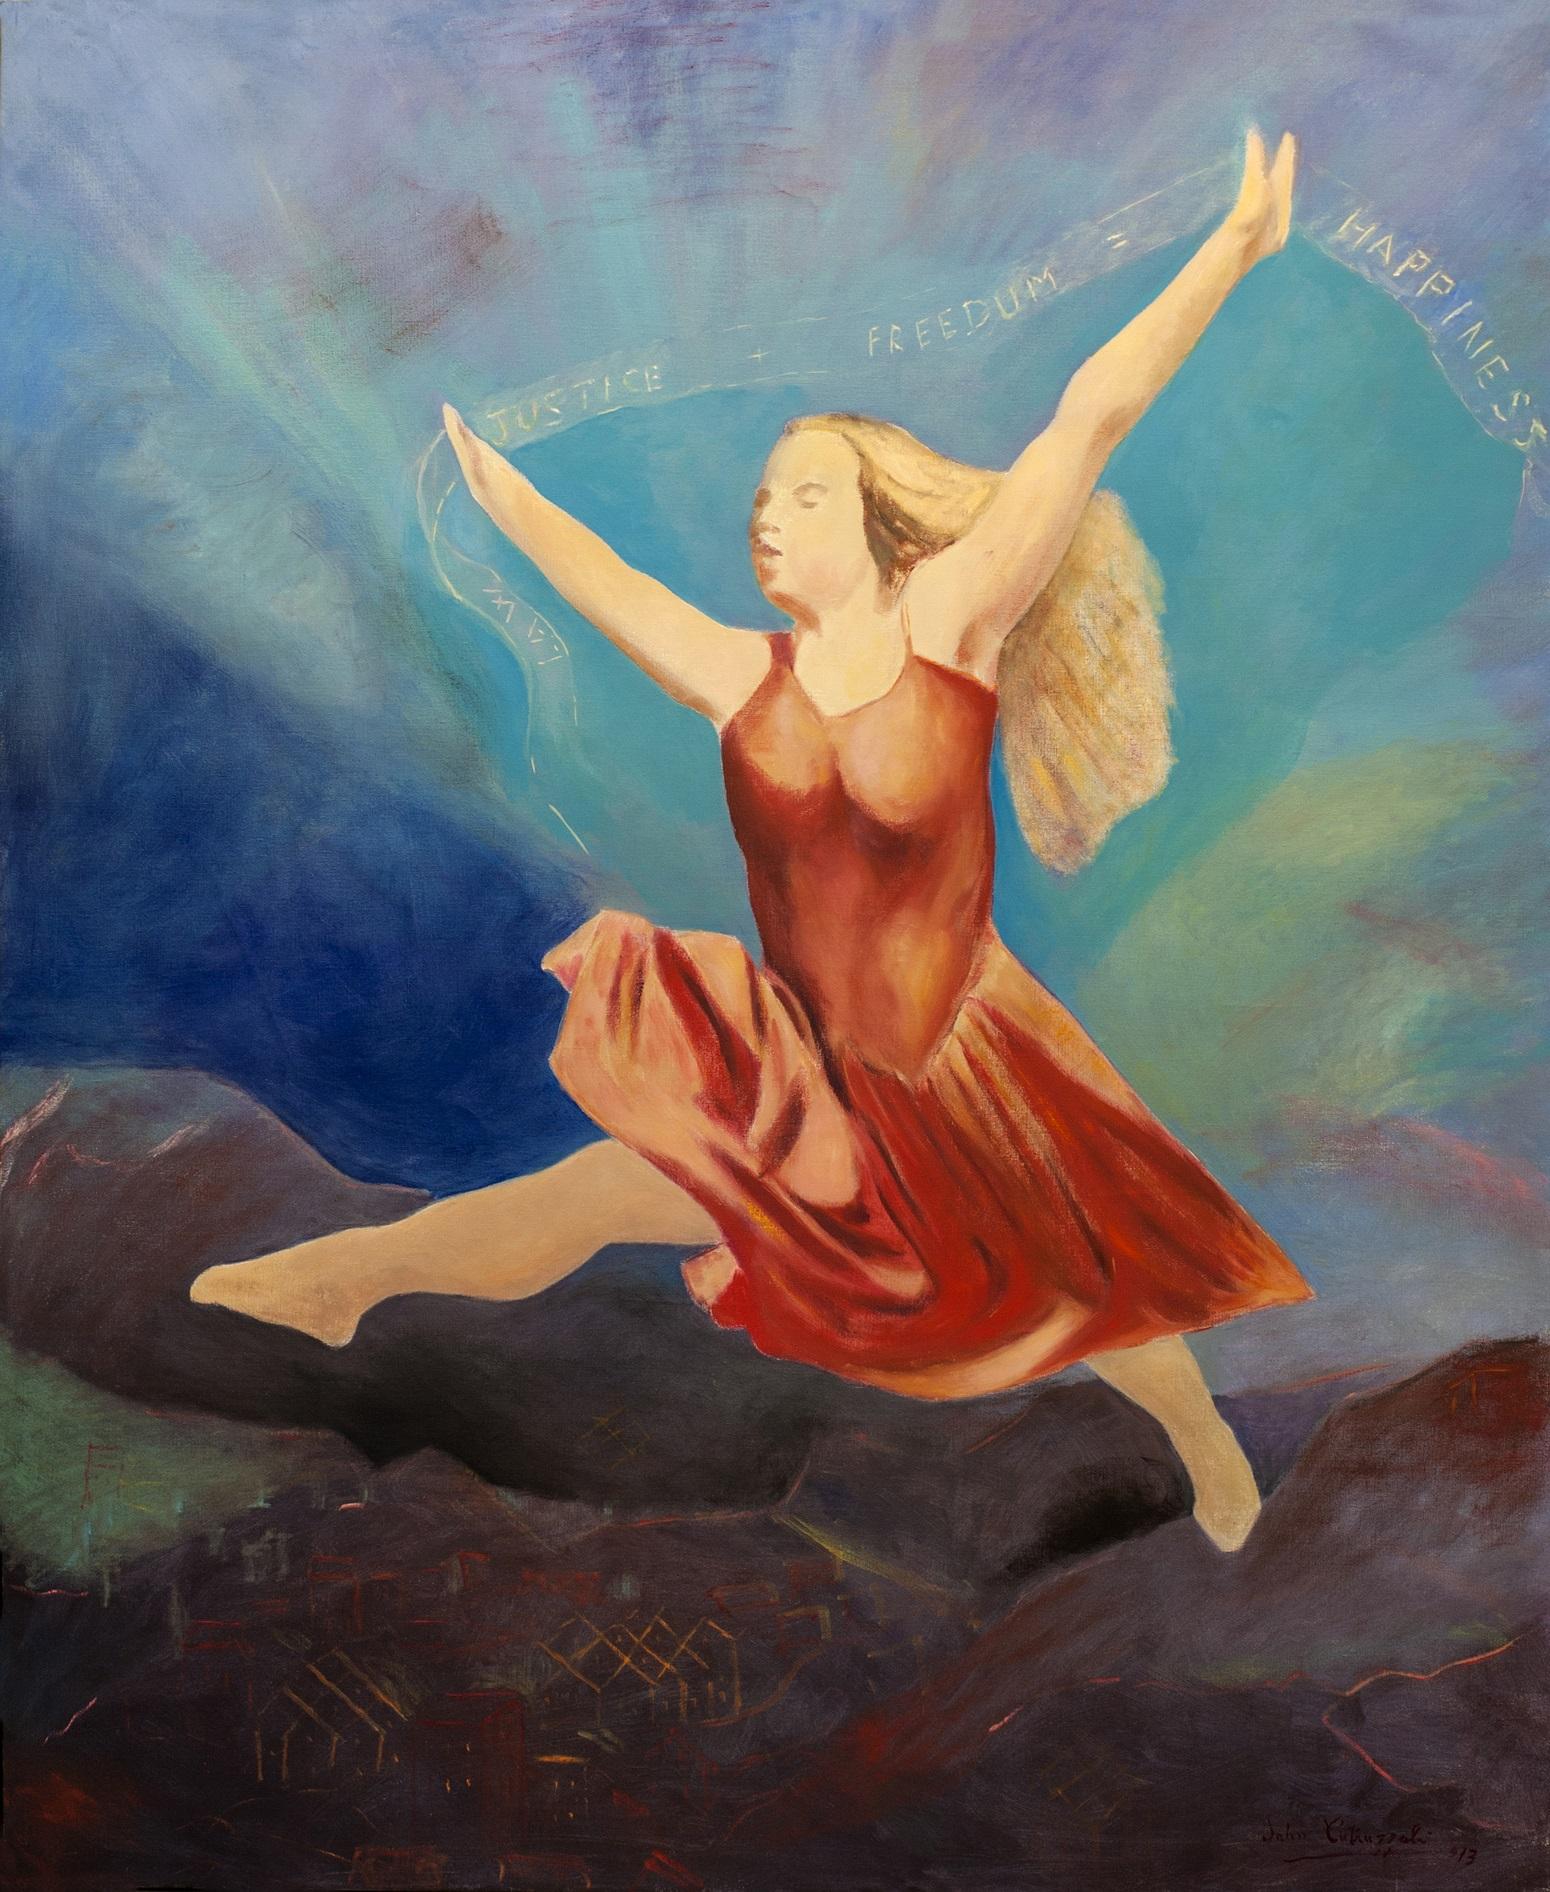 Female Figure Paintings for Sale – Female Figure Art